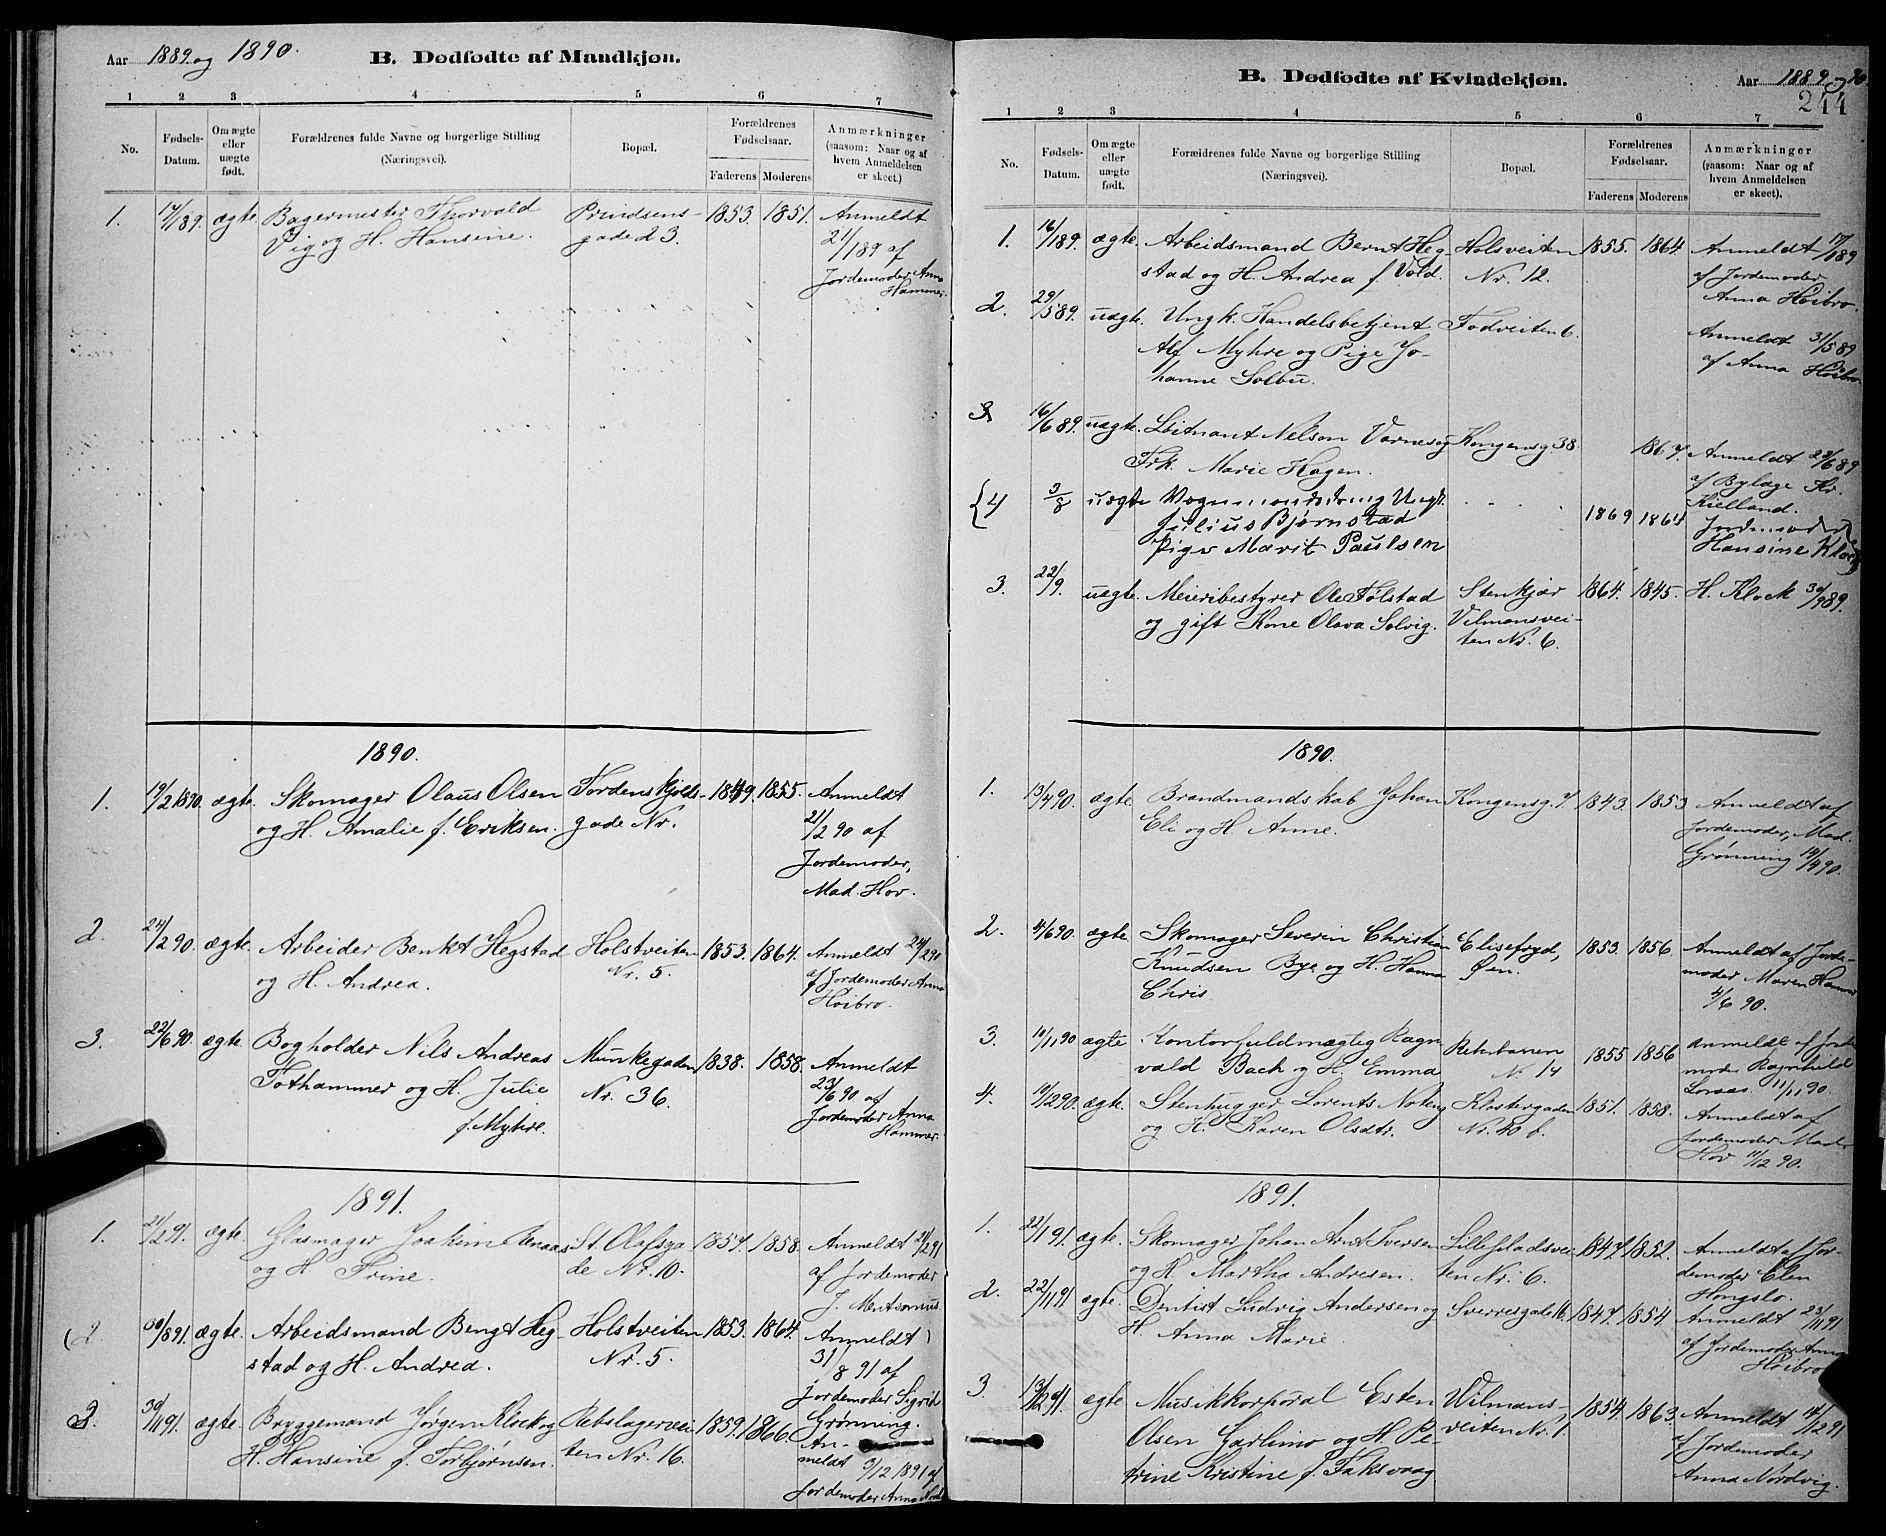 SAT, Ministerialprotokoller, klokkerbøker og fødselsregistre - Sør-Trøndelag, 601/L0092: Klokkerbok nr. 601C10, 1884-1897, s. 244